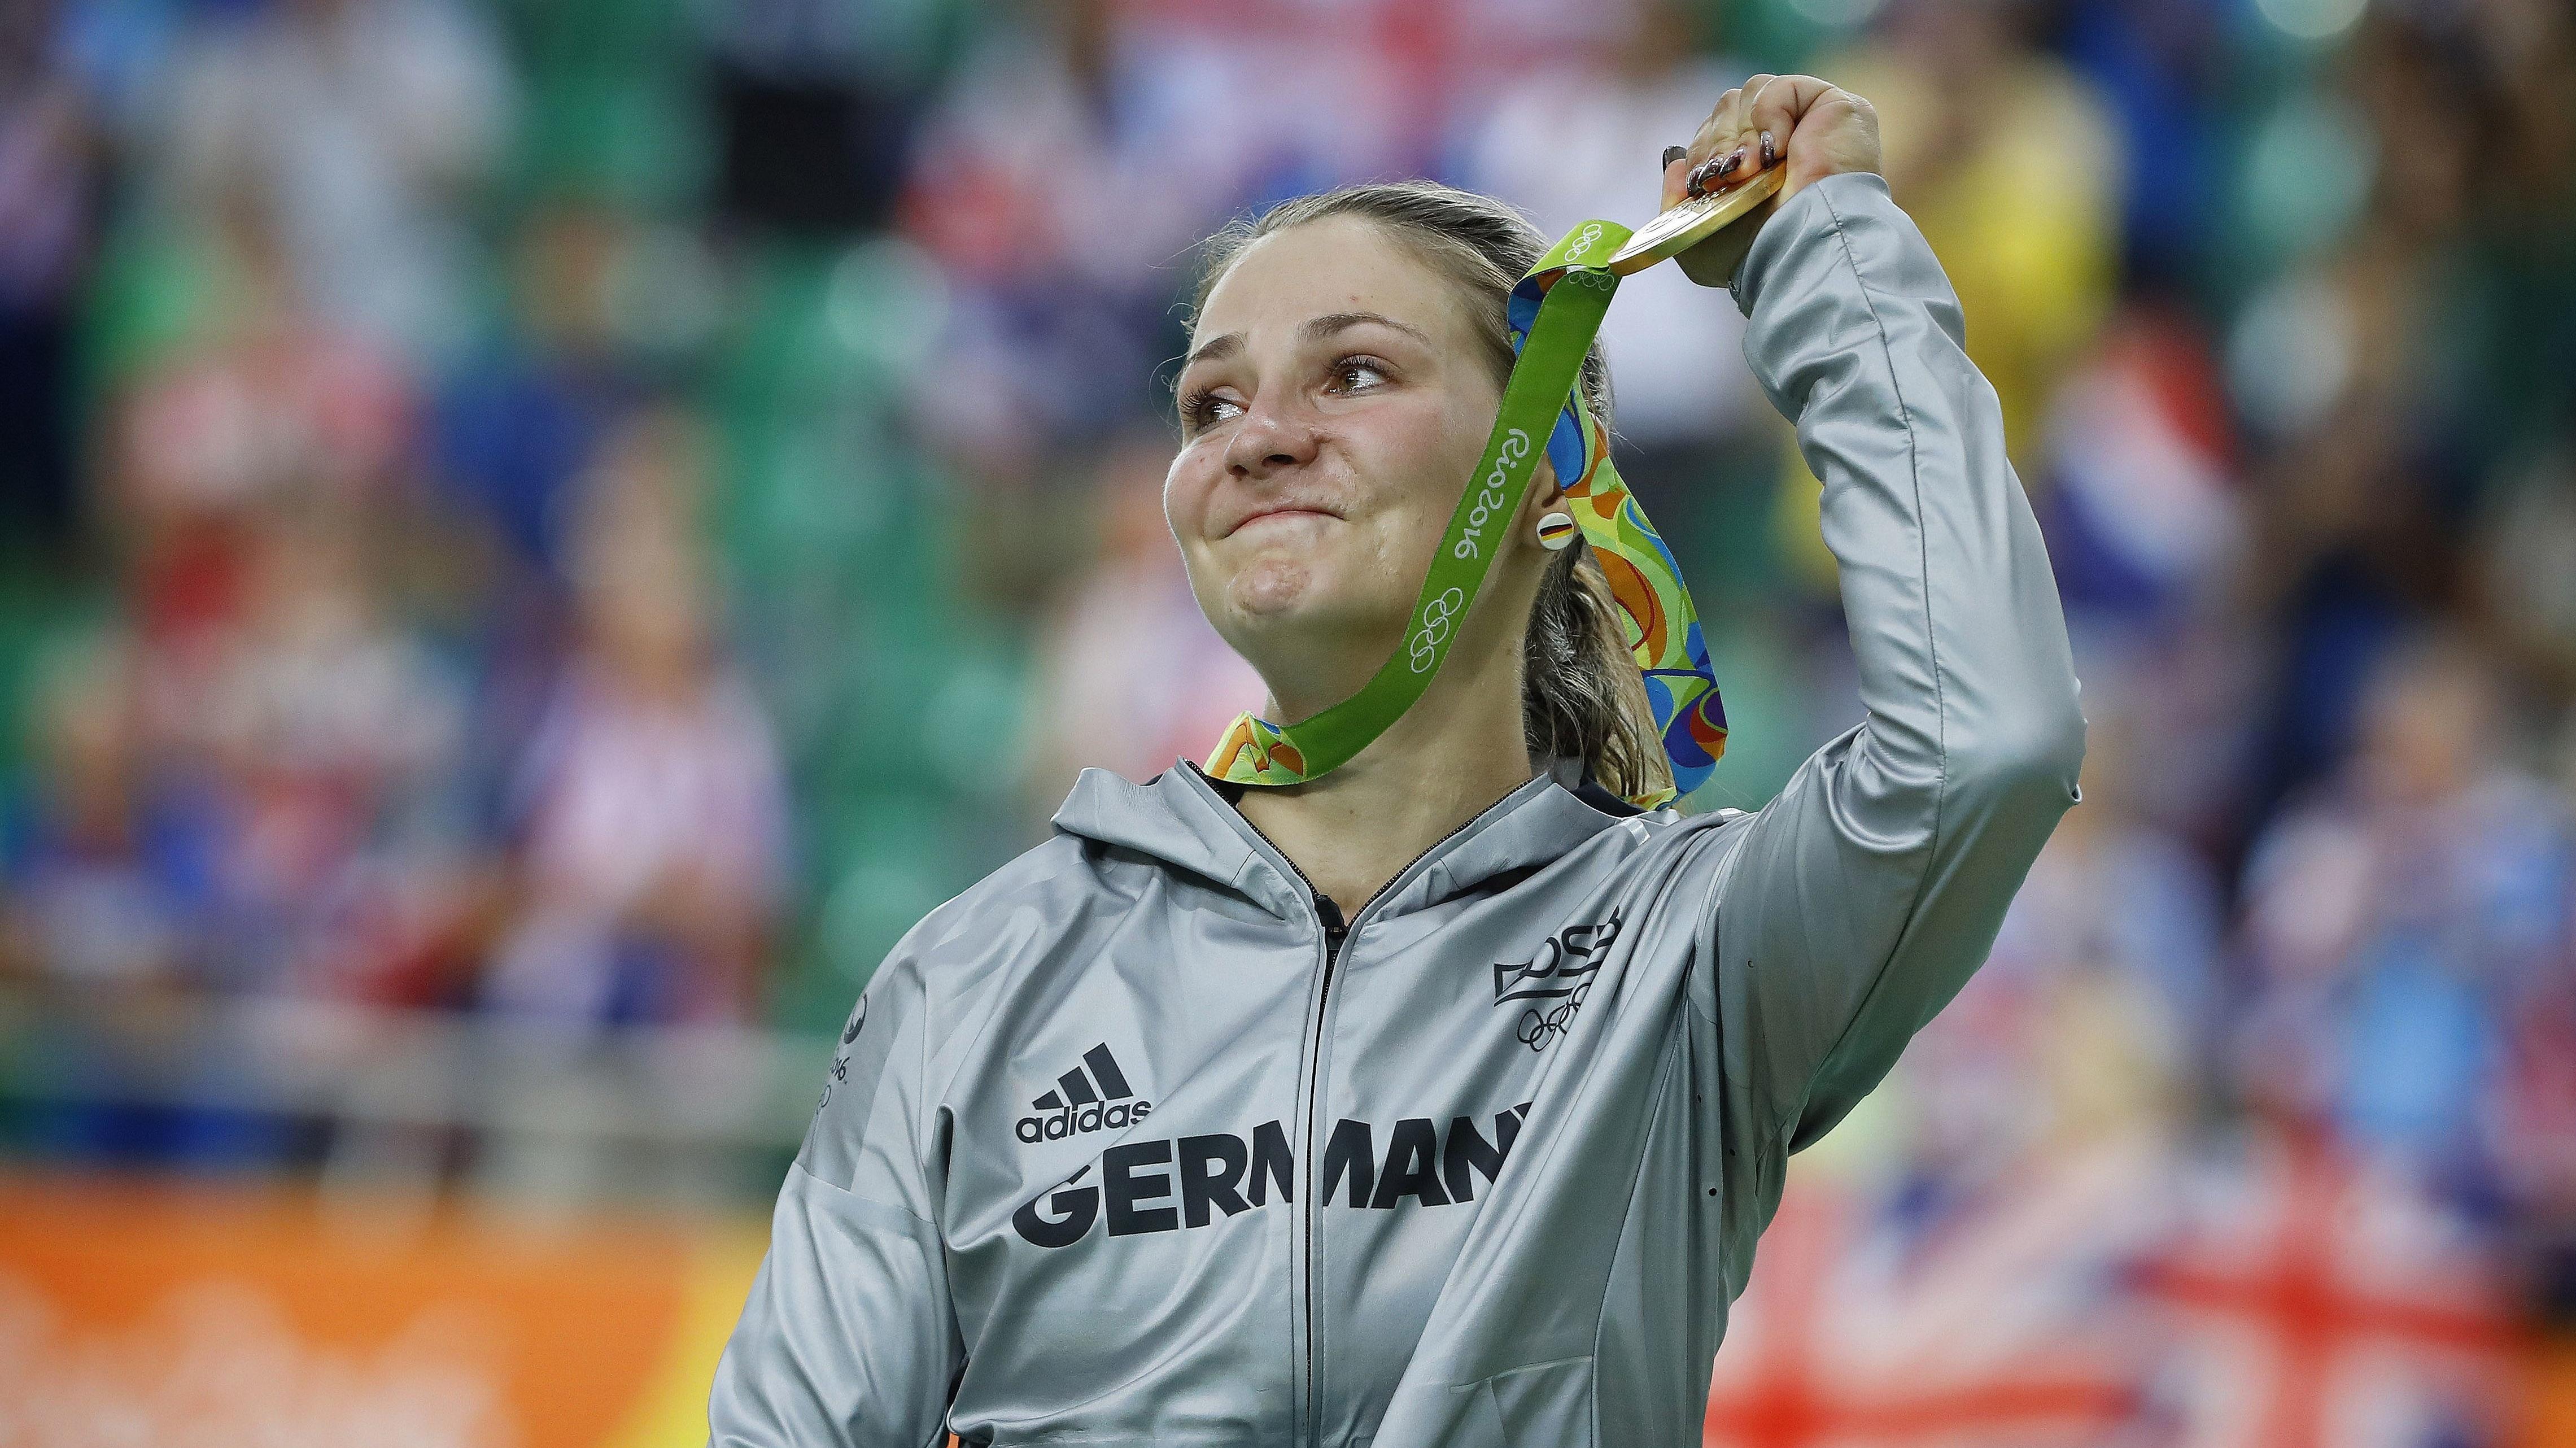 Kristina Vogel mit der olympischen Goldmedaille 2016